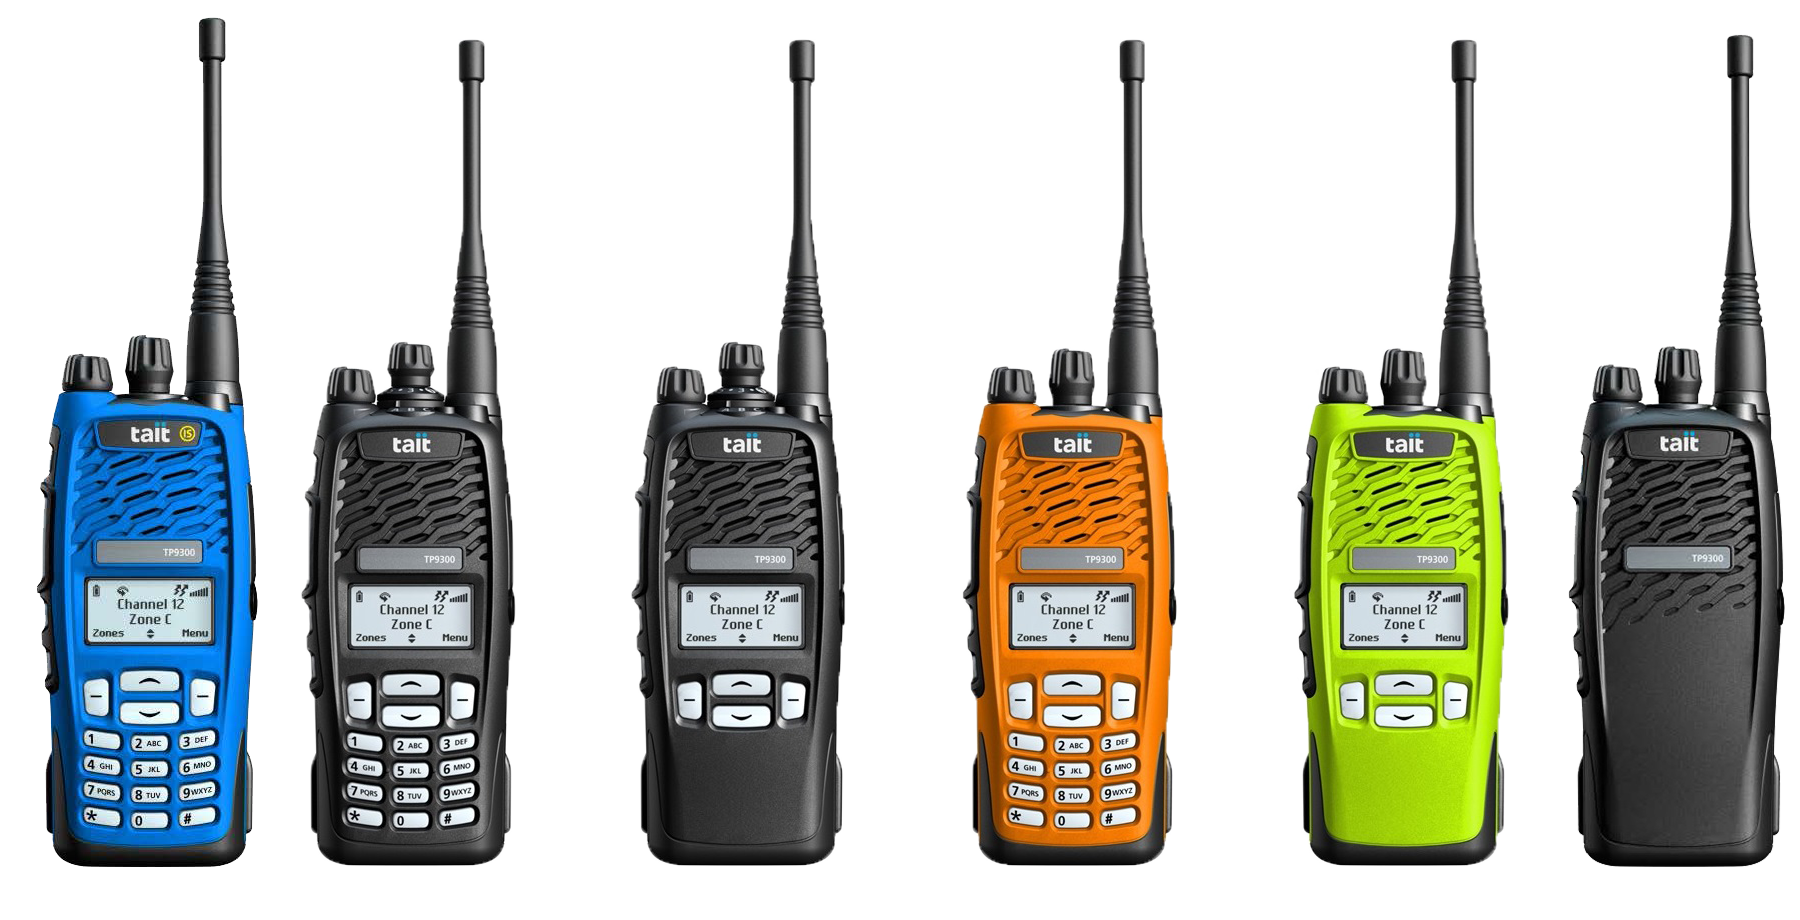 Verschiedene Tait-Geräte der TP9300 Serie